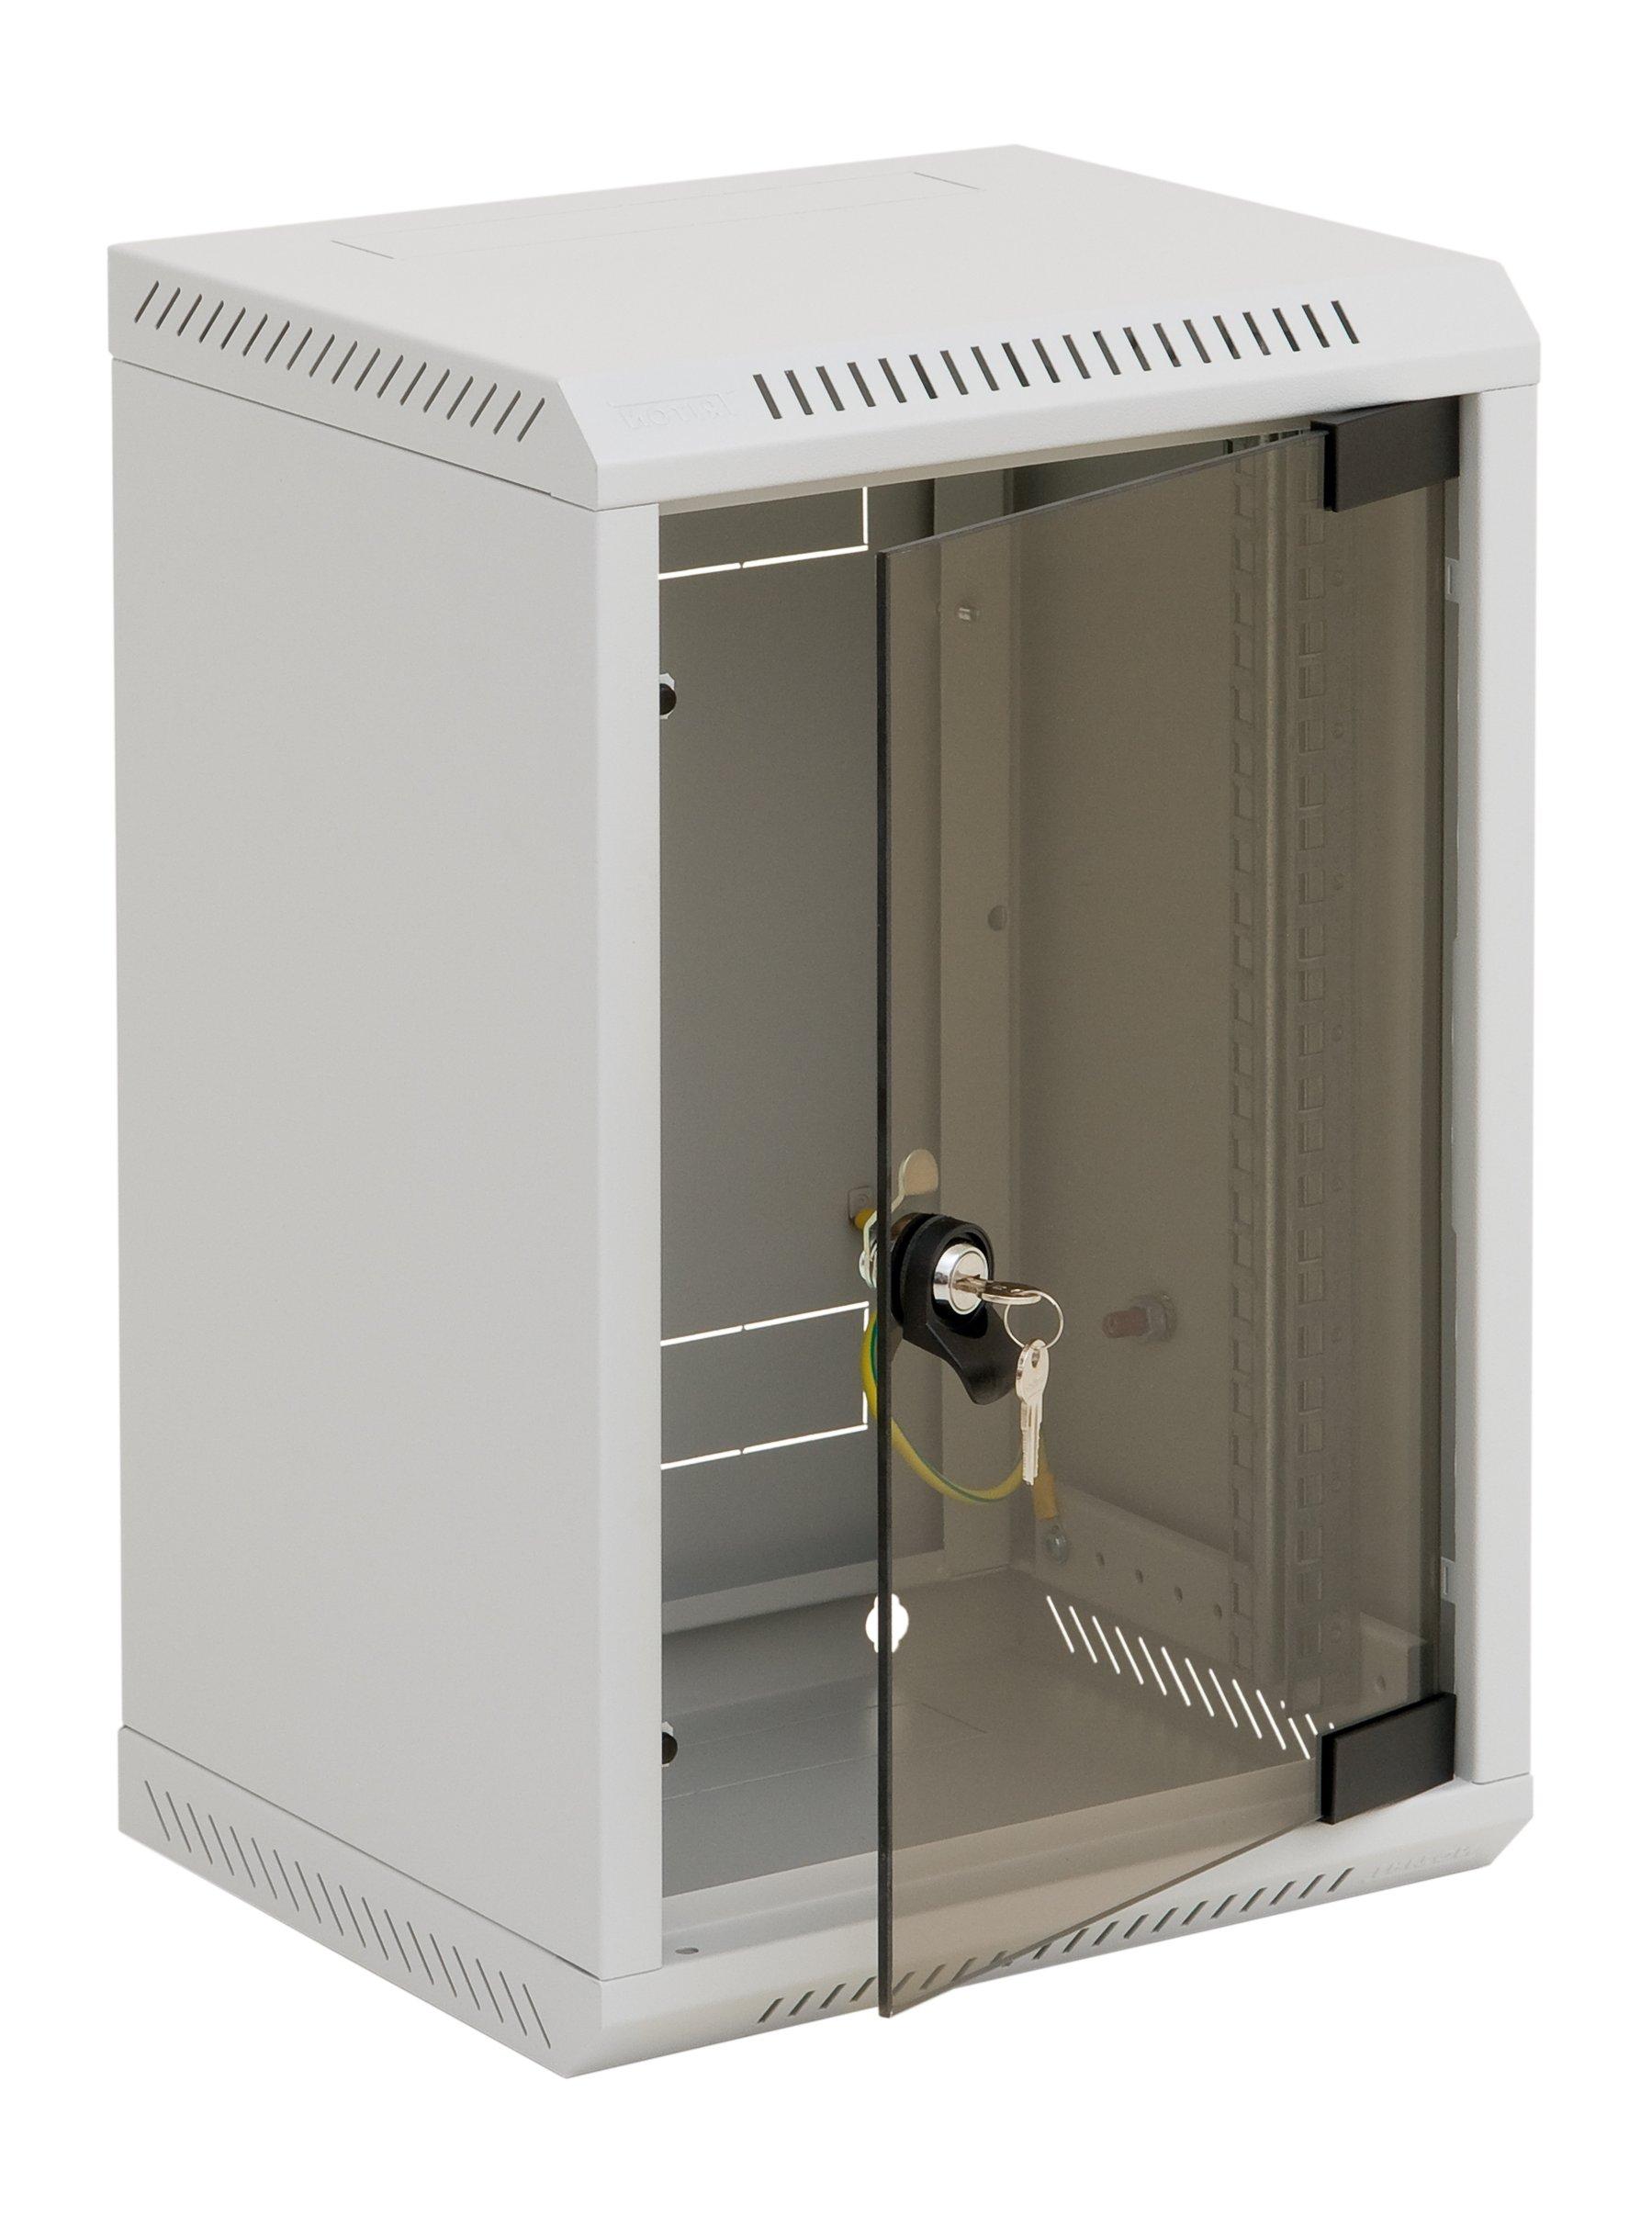 1 Stk Netzwerk-Wandschrank DV, B=310xH=470xT=260mm,10,9HE,RAL7035 DV610009-A